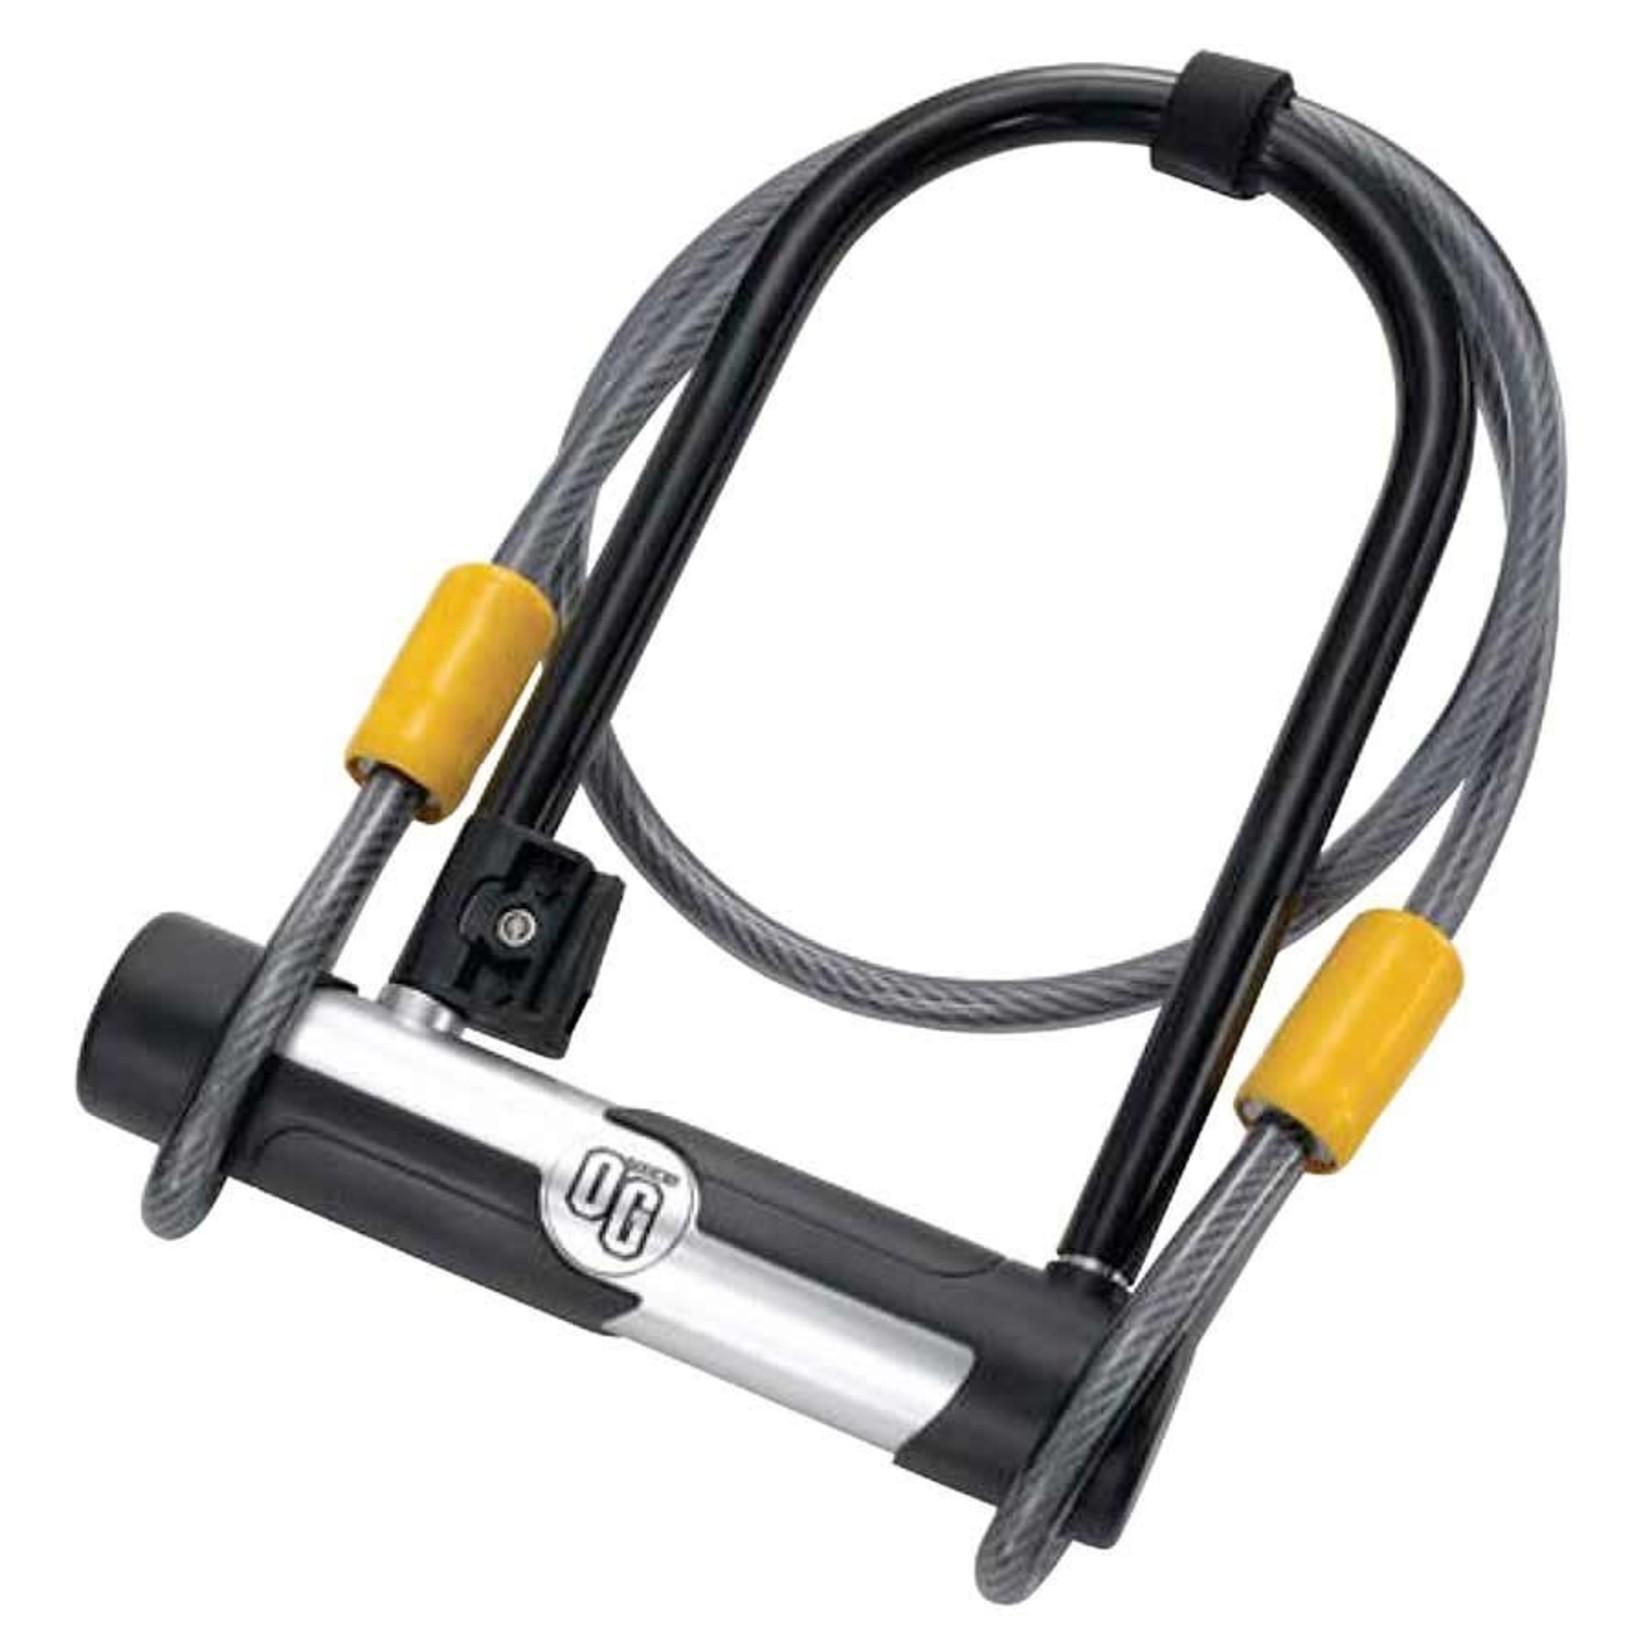 Onguard OnGuard, OG 5815, U-Lock, 106mm x 200mm (4.2'' x 7.9'') / Cable 10mm x 120cm (10mm x 4')